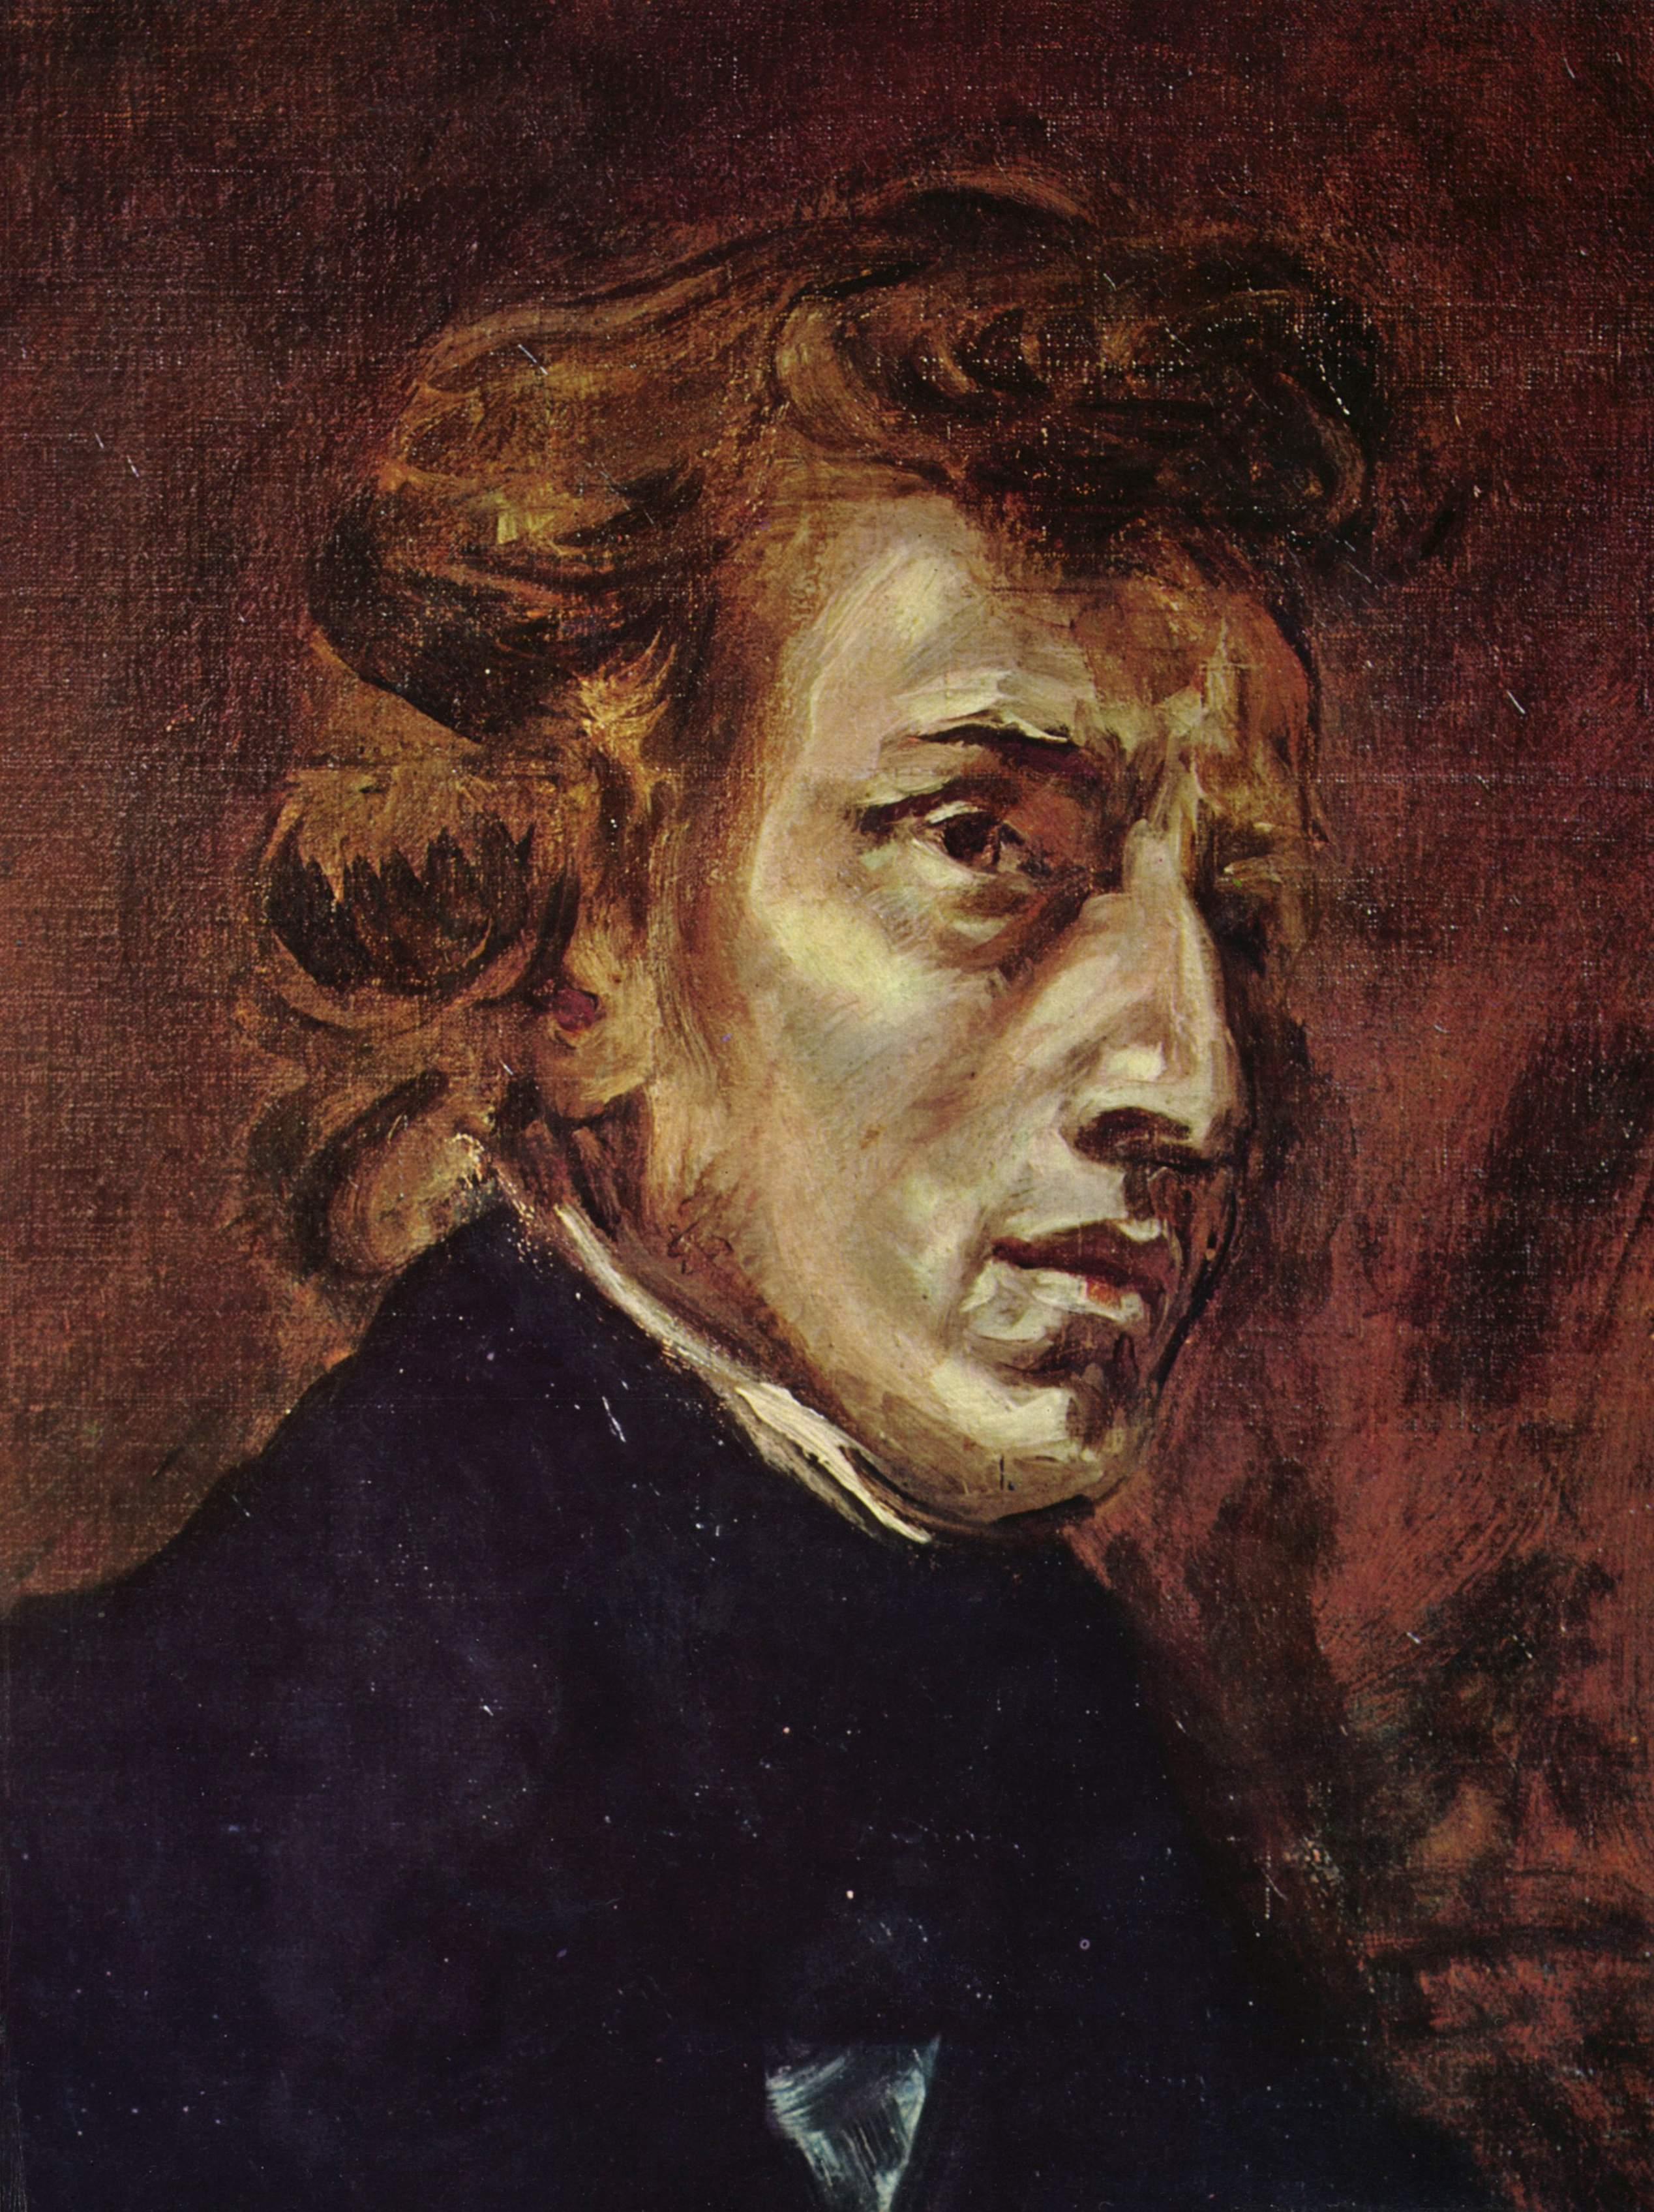 <em>Frédéric Chopin</em>, retrato (inacabado, de 1838) por Eugène Delacroix.